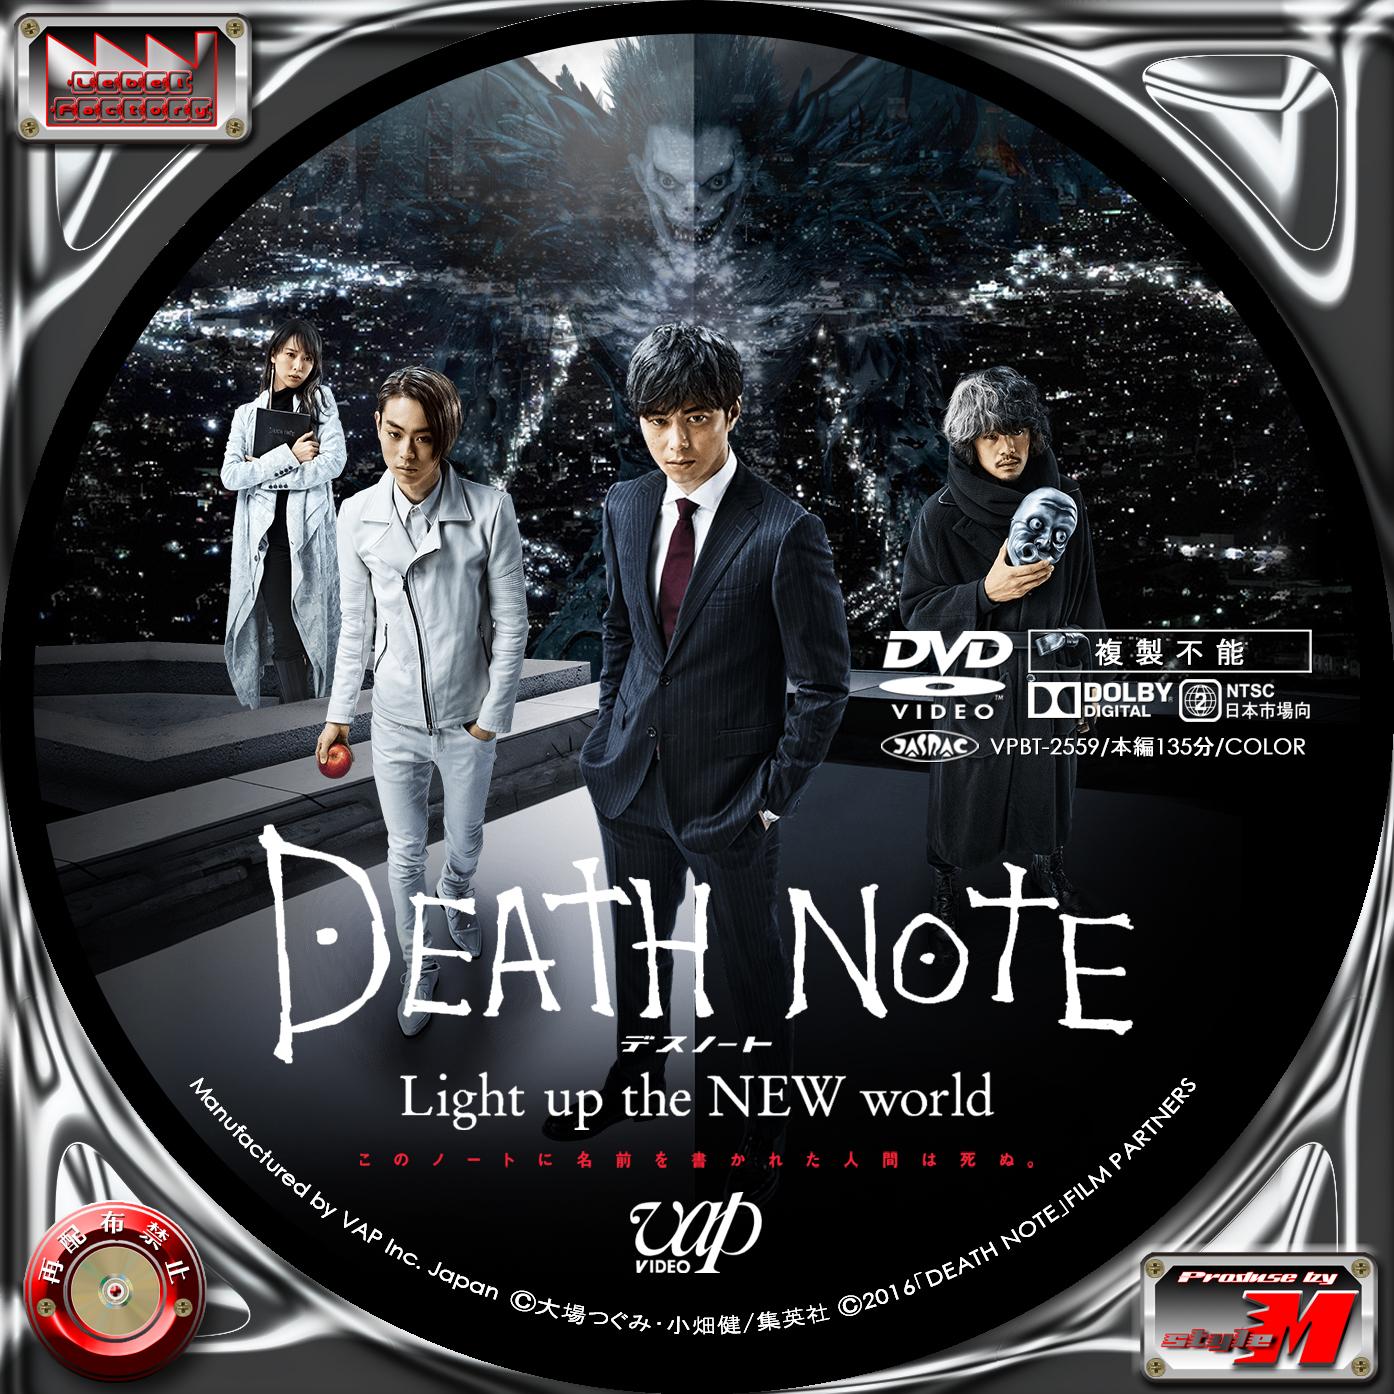 映画 デスノート ライト アップ ザ ニュー ワールド